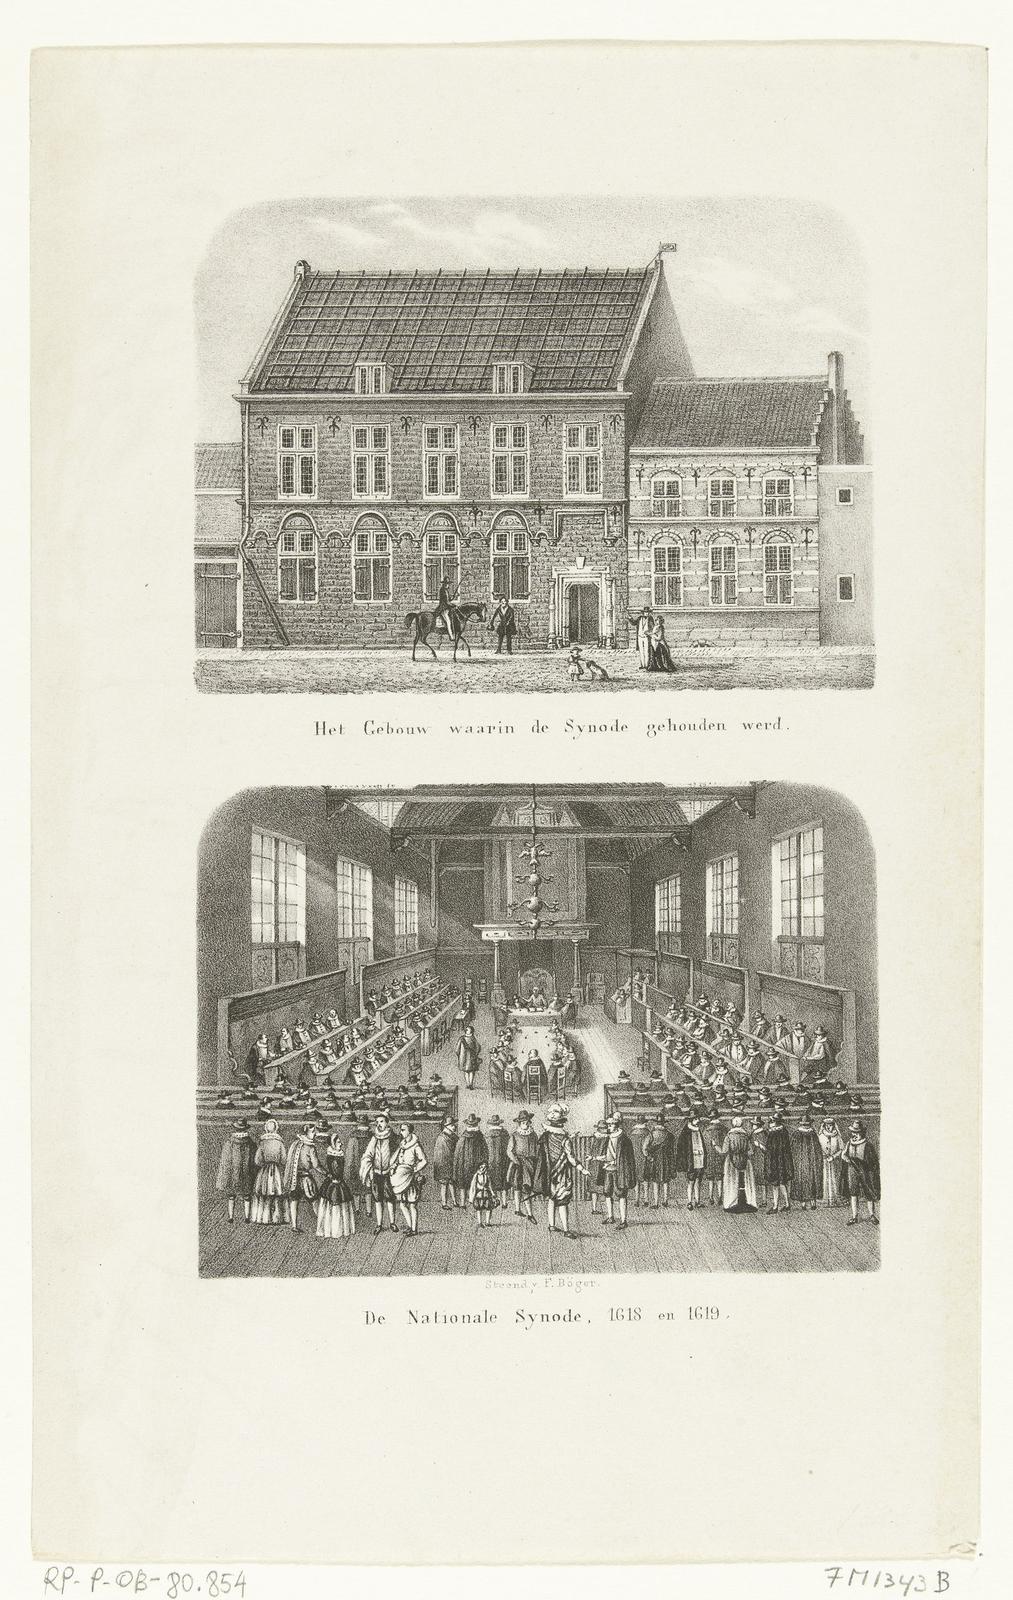 De Kloveniersdoelen te Dordrecht en de Nationale Synode, 1618-1619